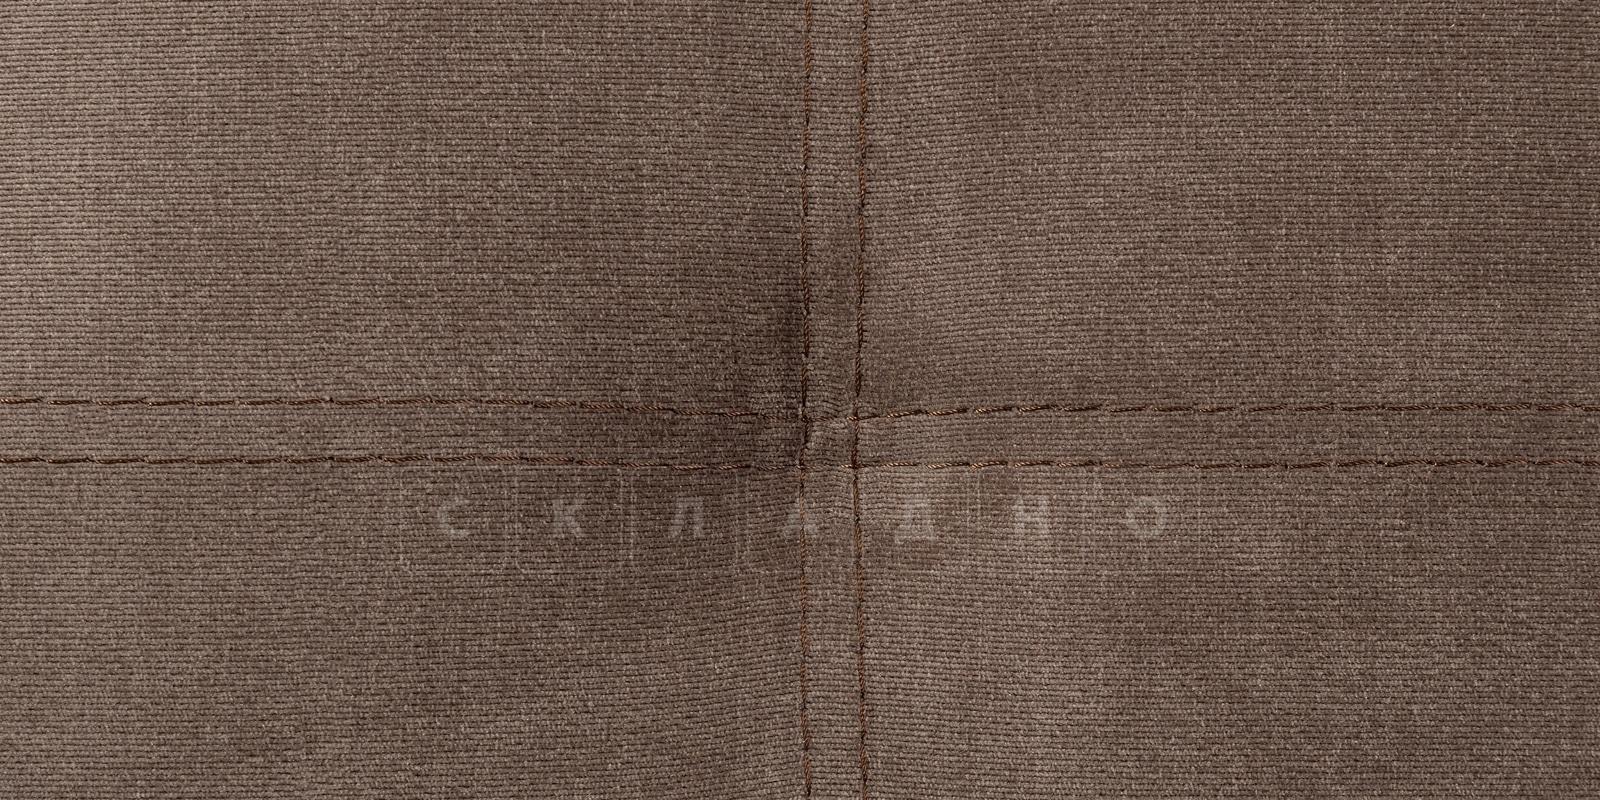 Диван Атланта вельвет светло-коричневый фото 7   интернет-магазин Складно